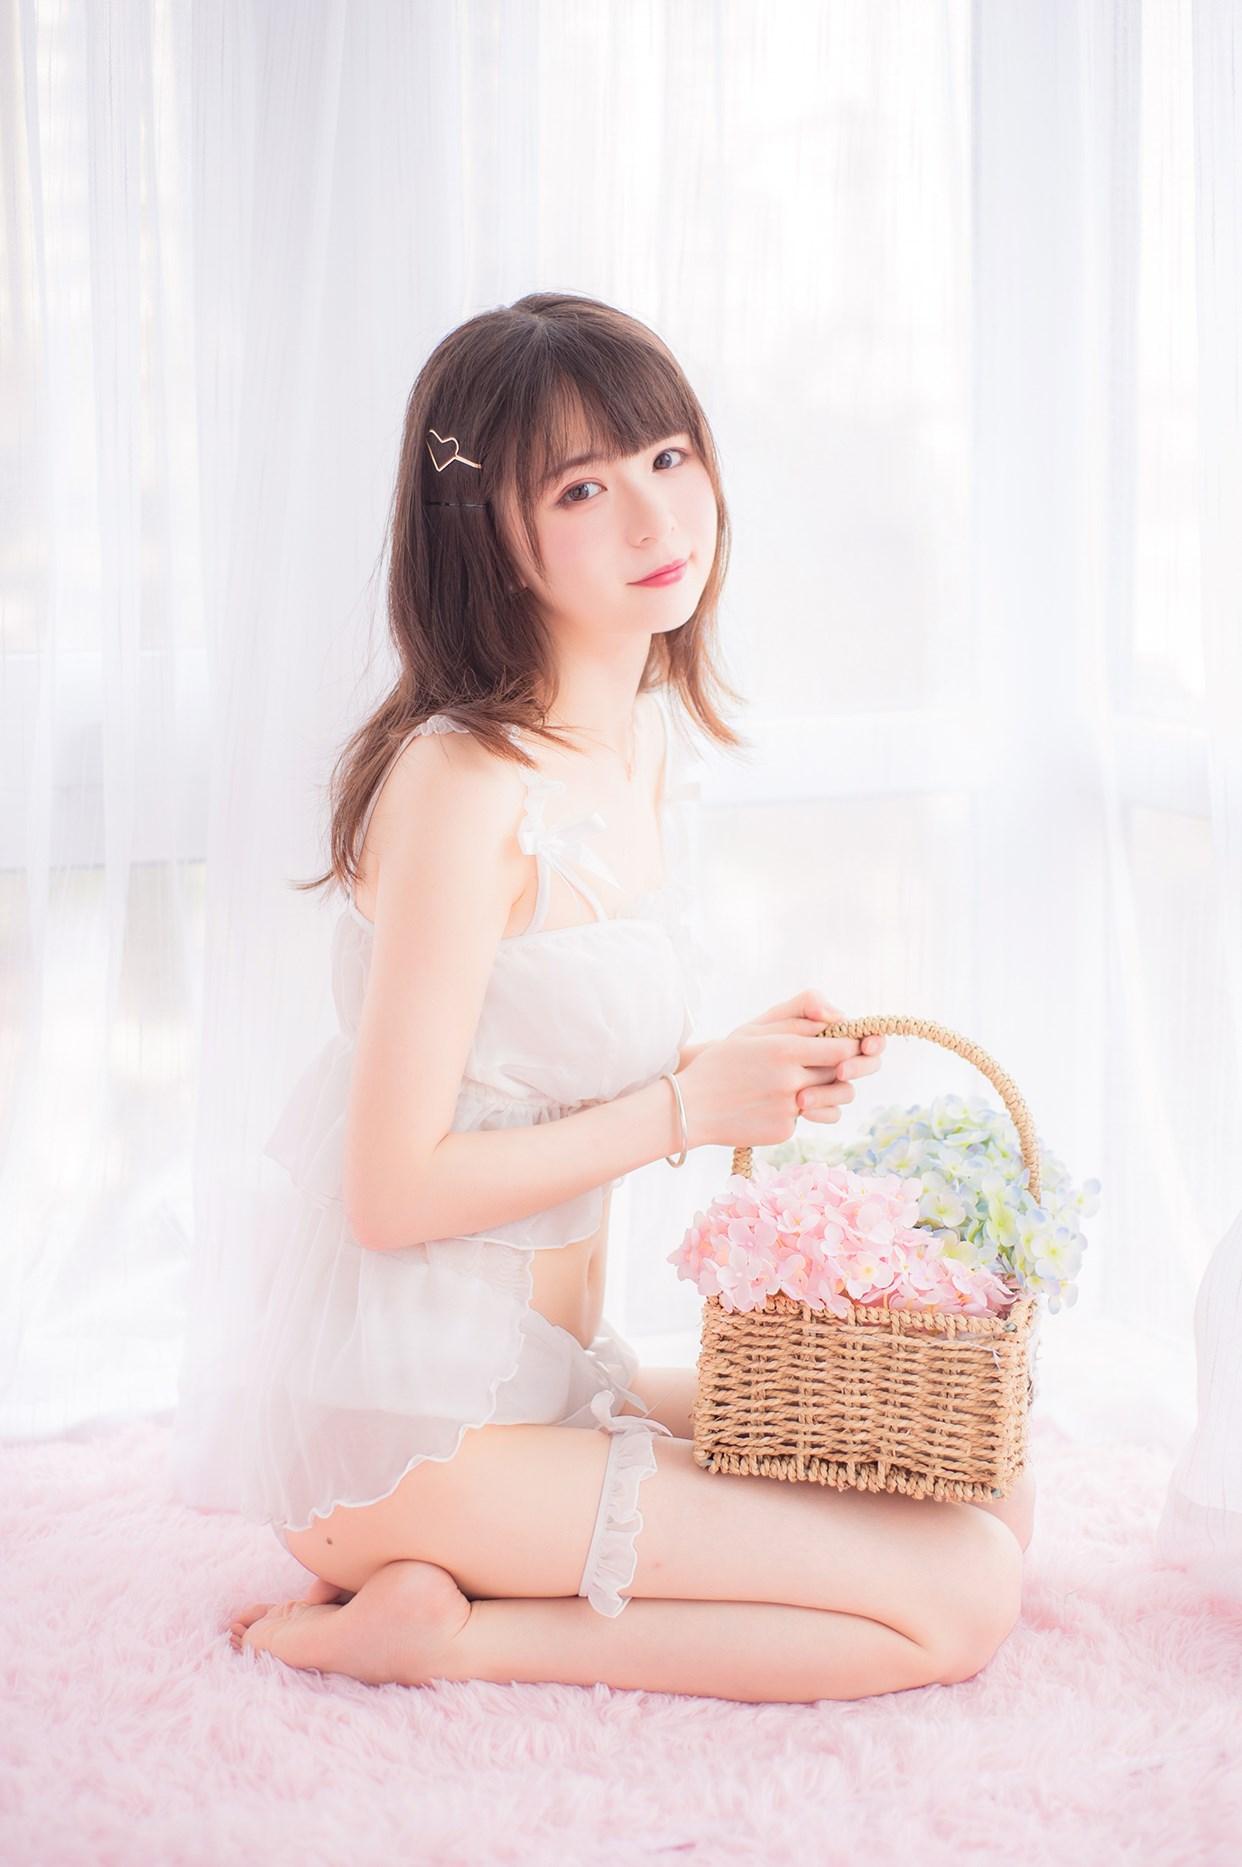 【兔玩映画】夏天的小裙子 兔玩映画 第30张